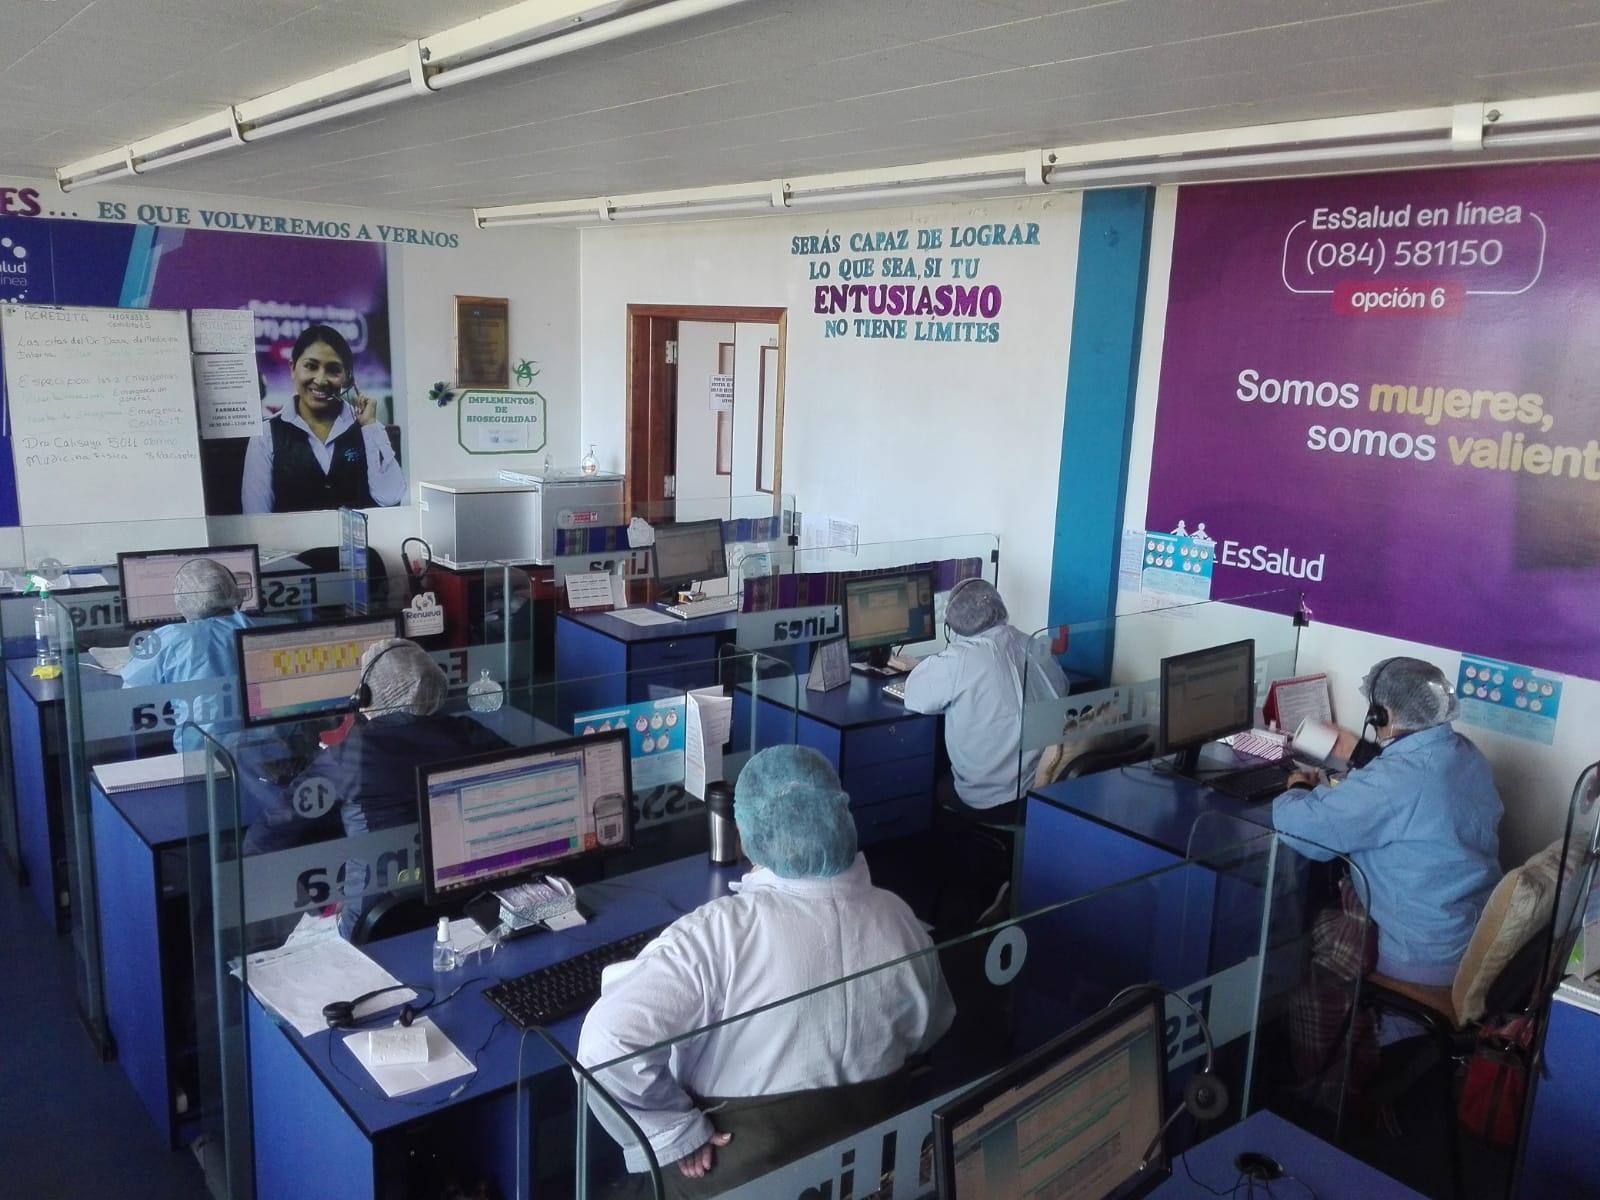 Essalud - EsSalud en Línea de Cusco atiende mensualmente a 11 mil asegurados